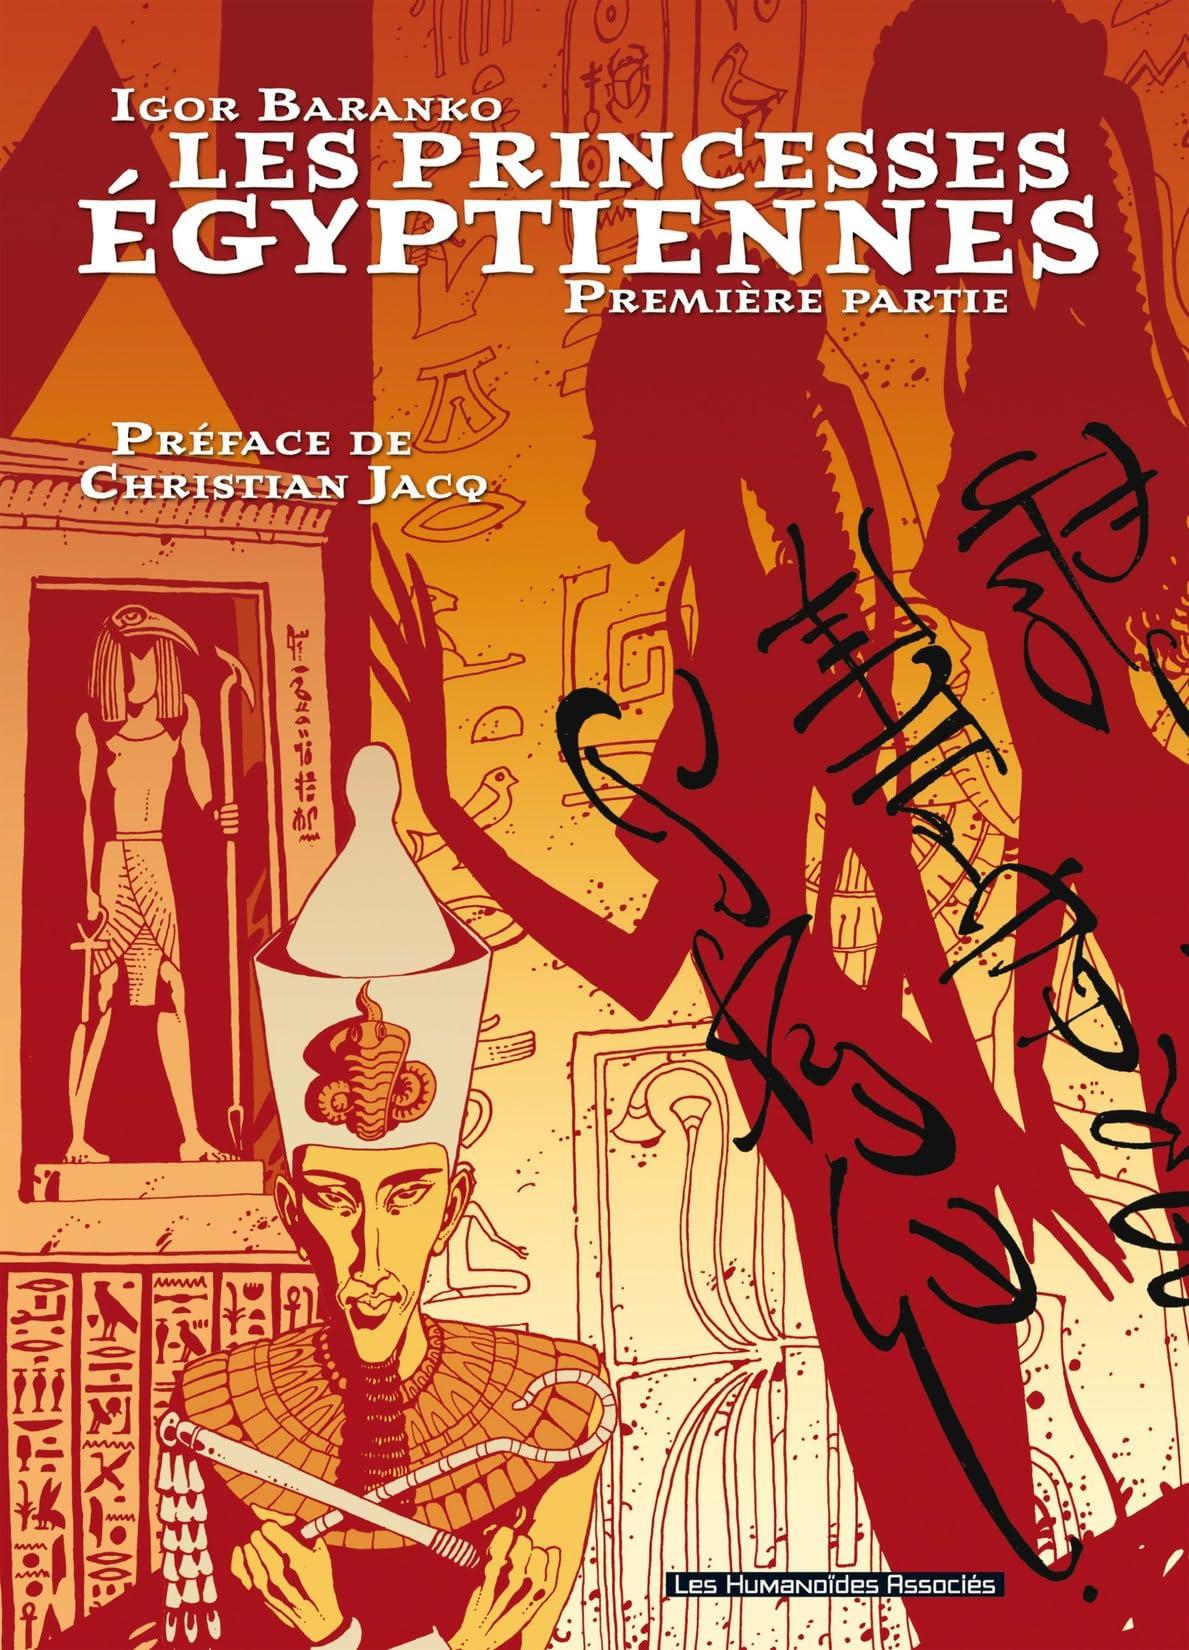 Les Princesses Egyptiennes Vol. 1